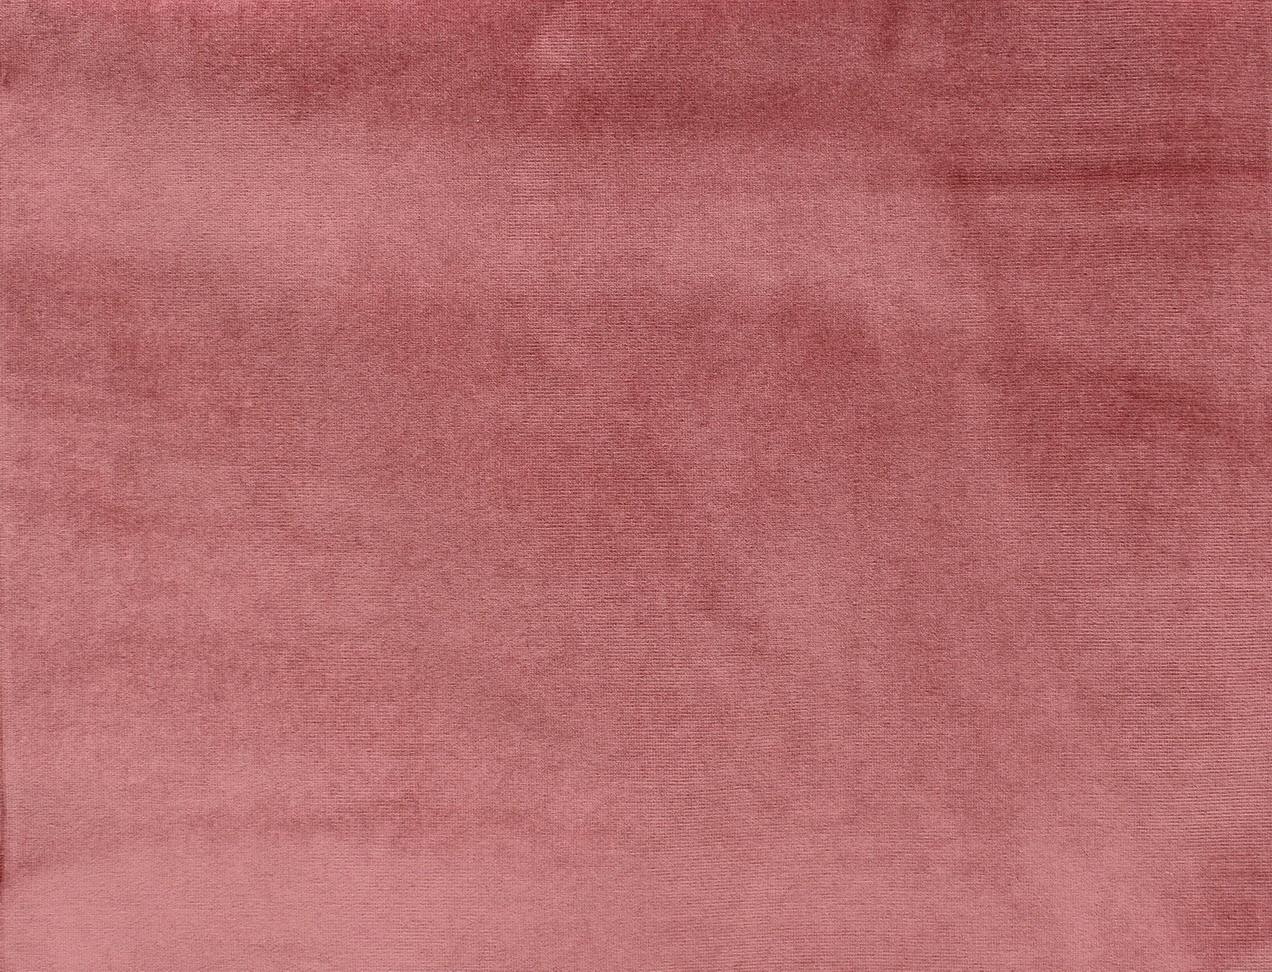 LIOCORNO Antique Pink